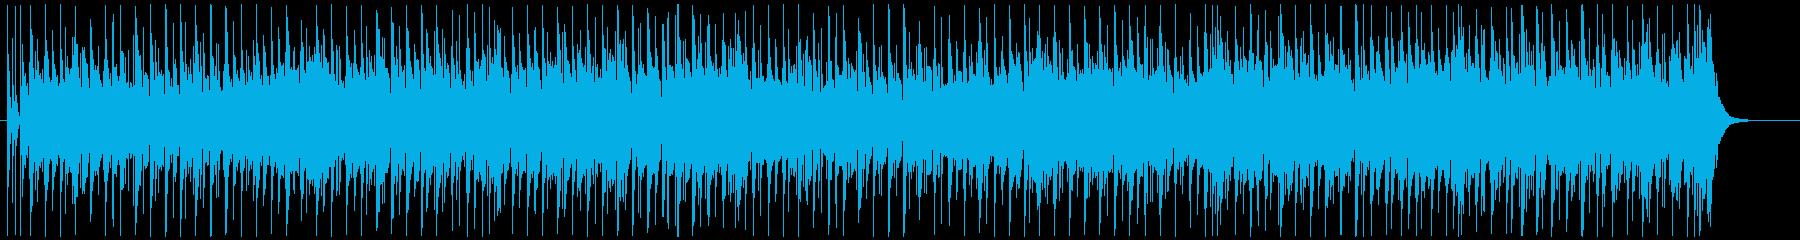 グロッケンシュピールでほっこりと優しく♪の再生済みの波形